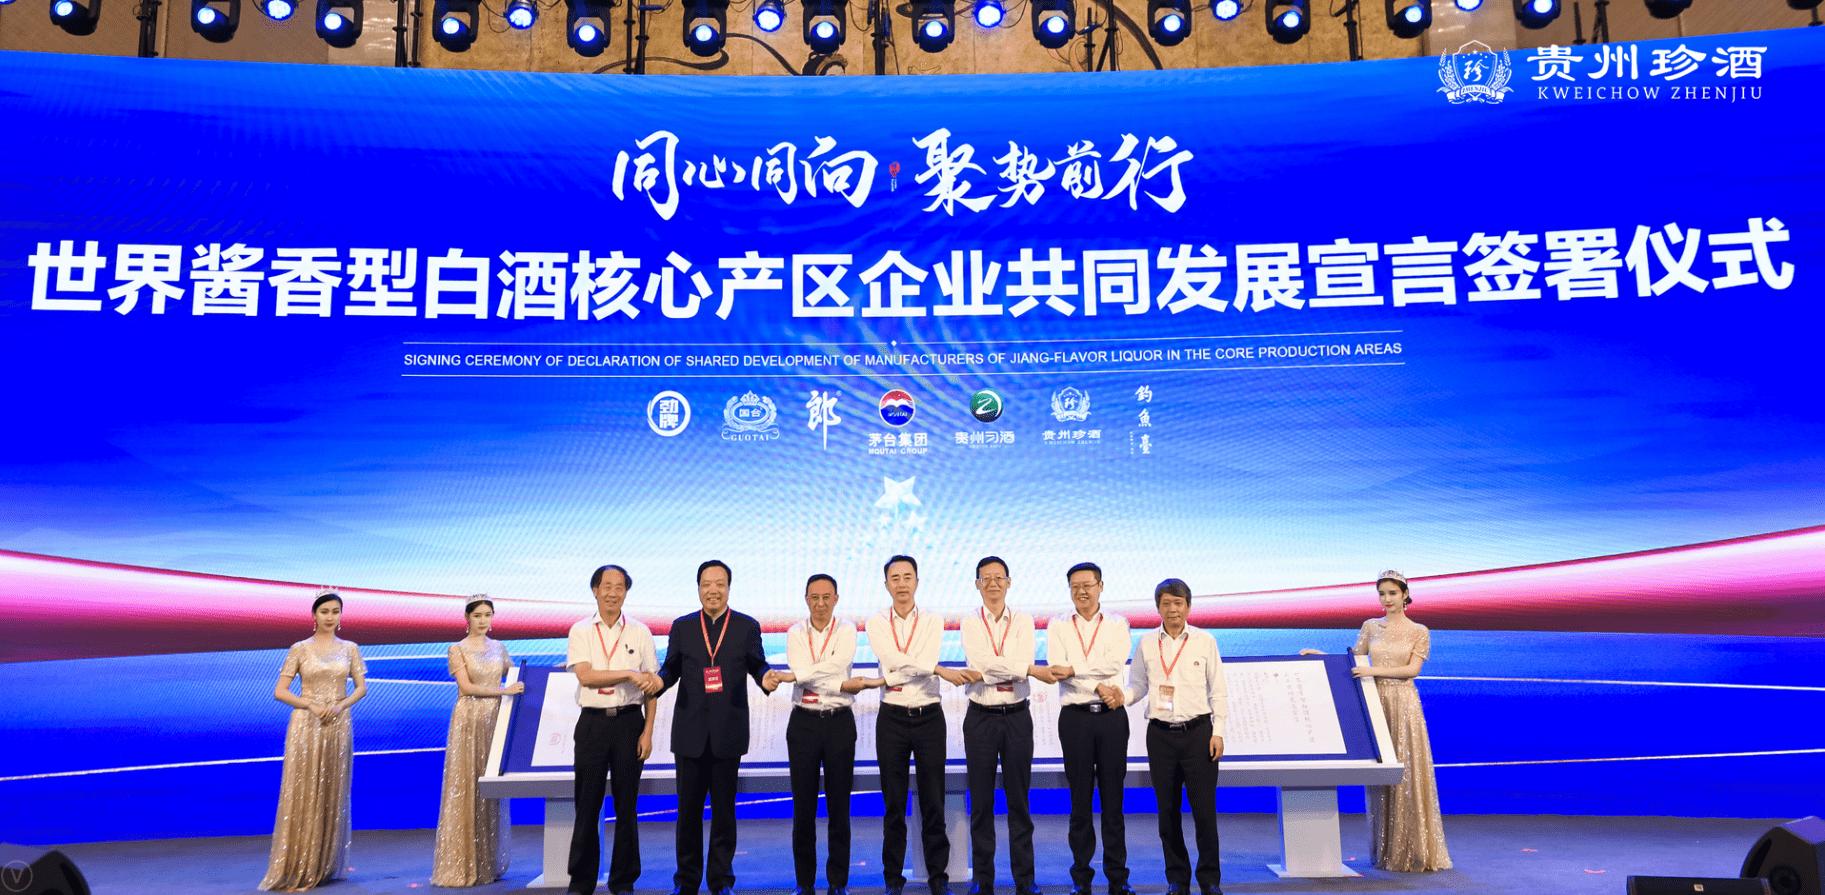 吴向东出席酱酒核心产区企业发展宣言活动